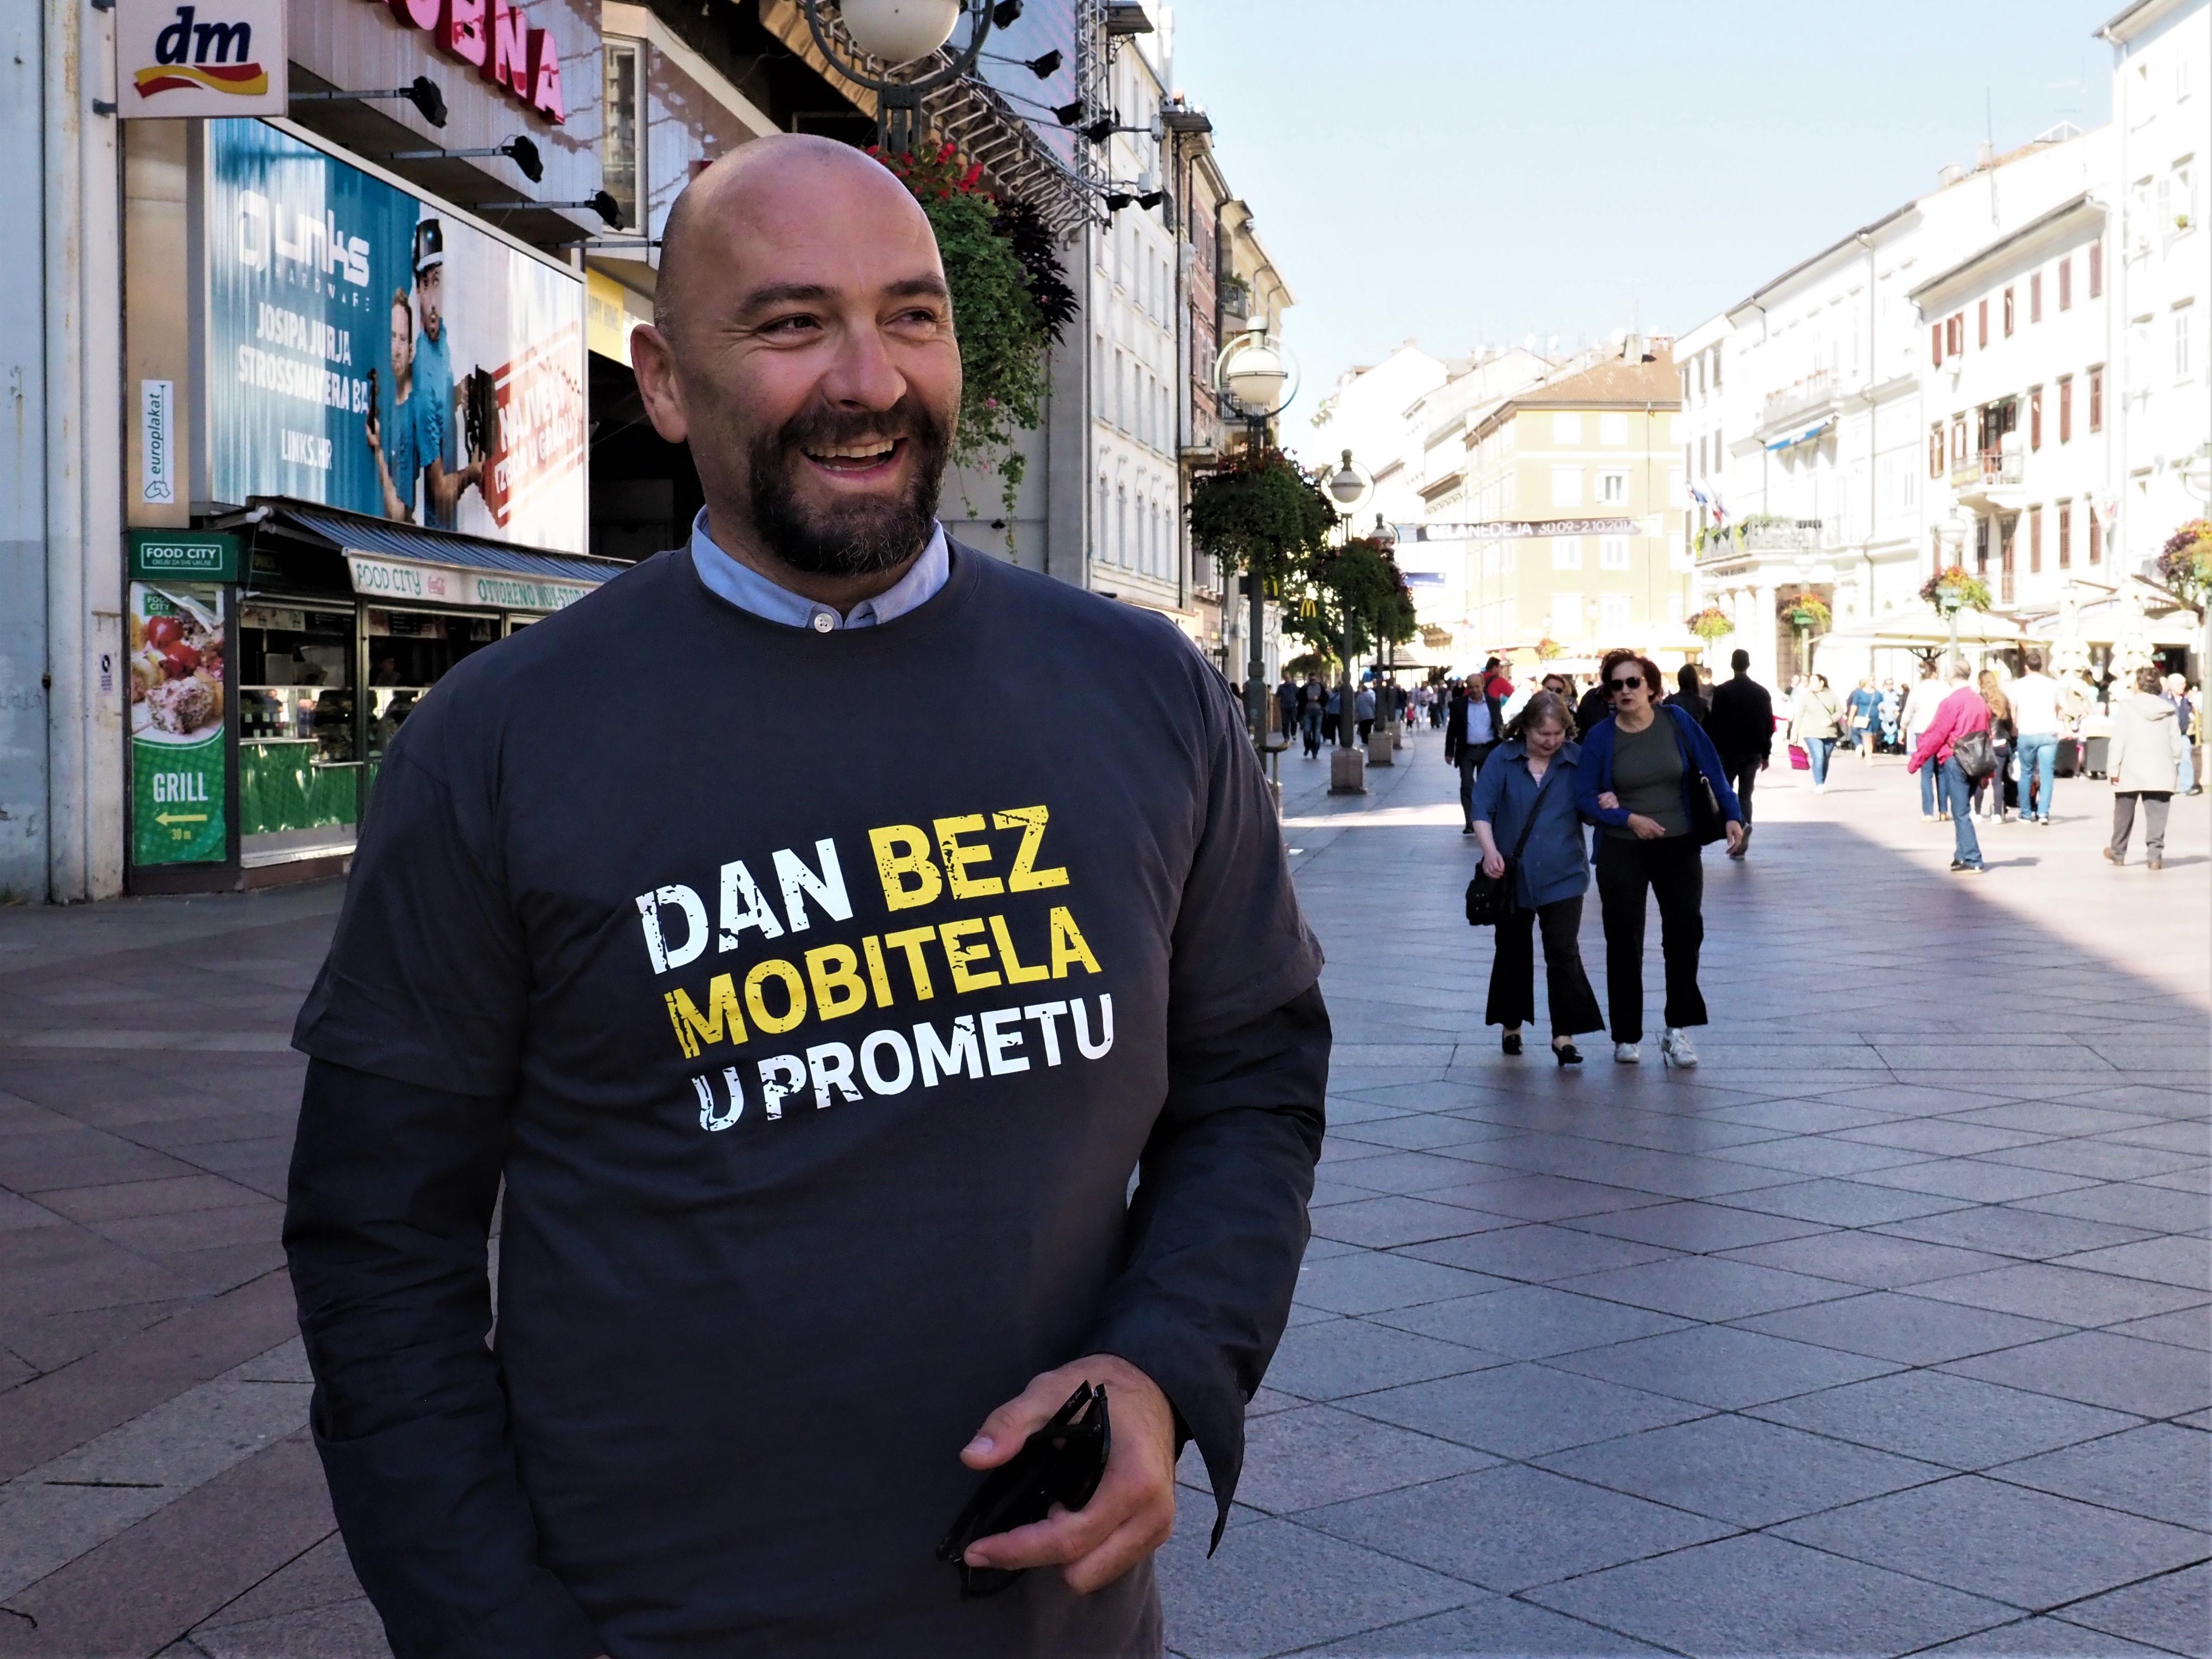 Samir Barać, Riječki sportski savez, RSS, Dan bez mobitela u prometu, Rijeka, kampanja, mobitel, promet